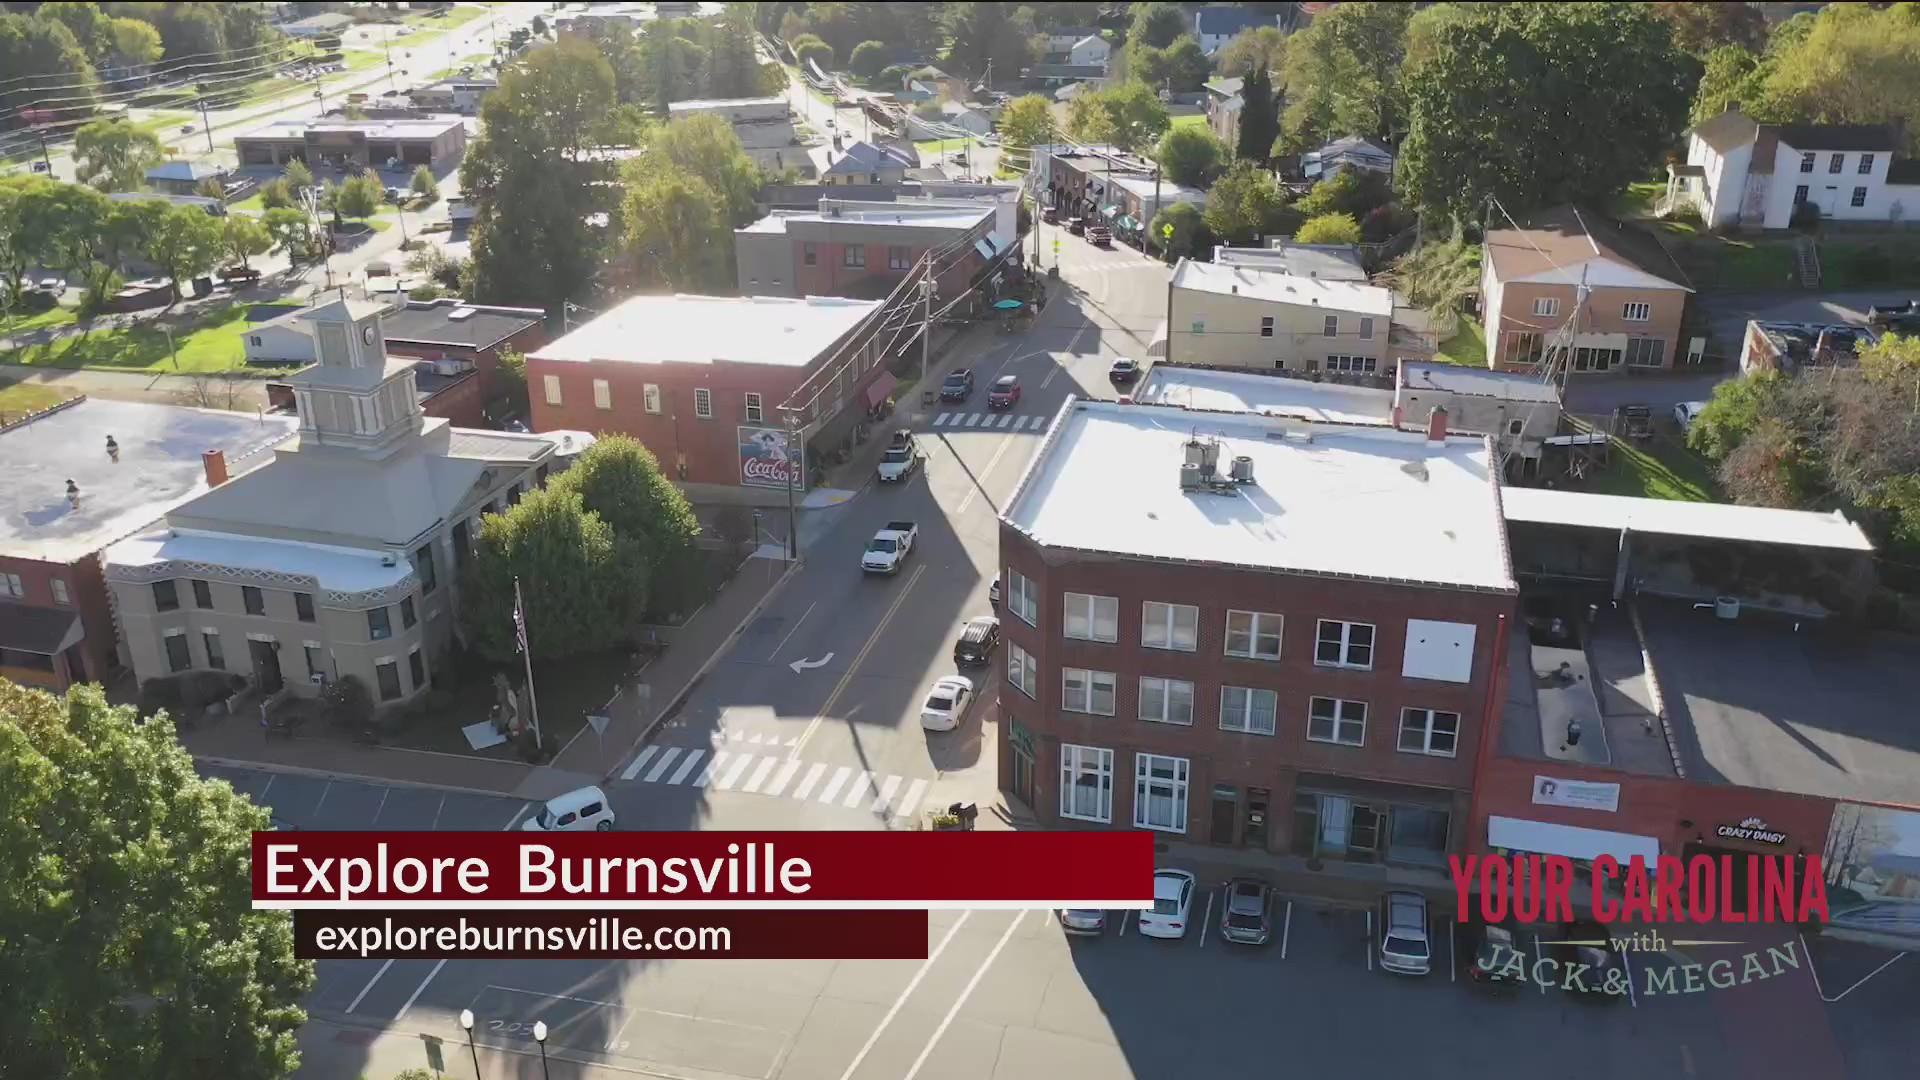 Explore Burnsville